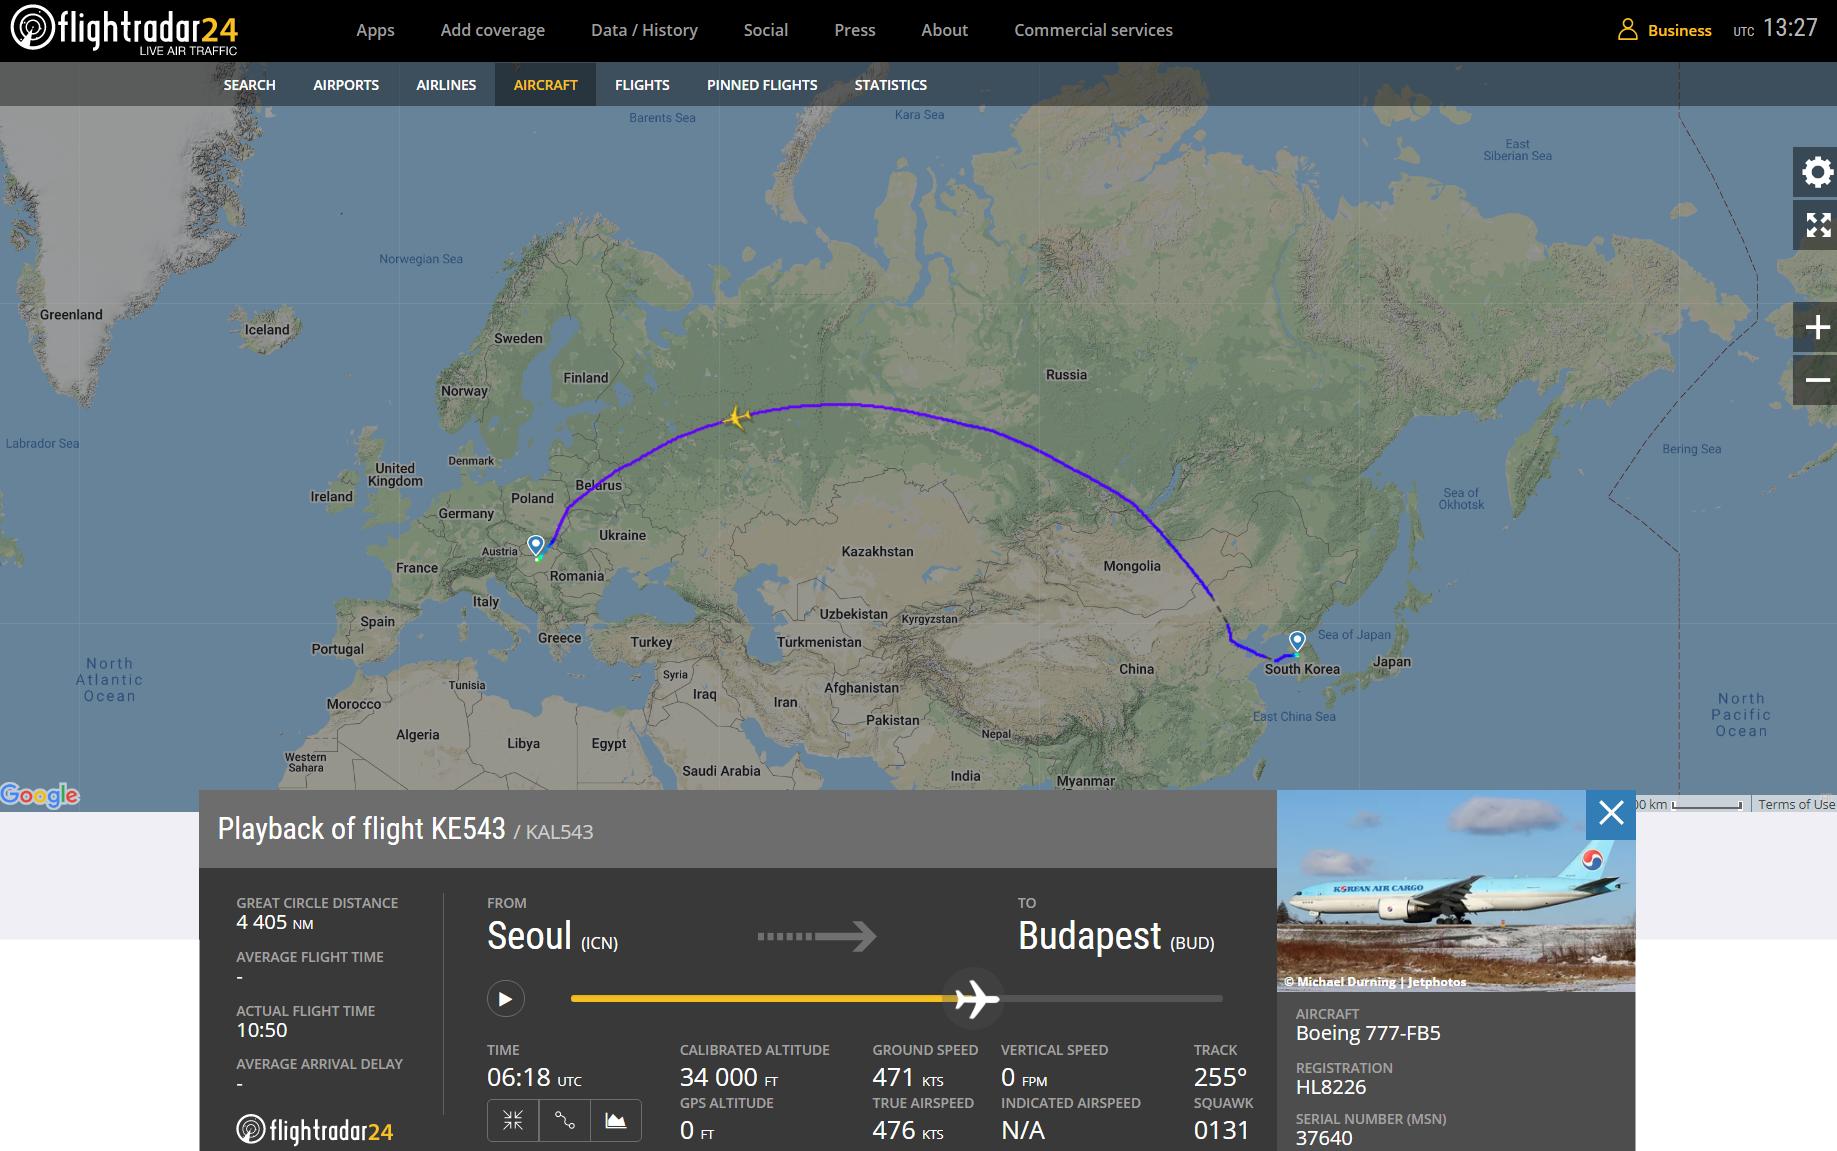 Az első járat útvonala, tegnap este a járat magyar idő szerint 23:23-kor emelkedett a levegőbe. A képre kattintva galéria nyílik (forrás: Flightradar24.com)